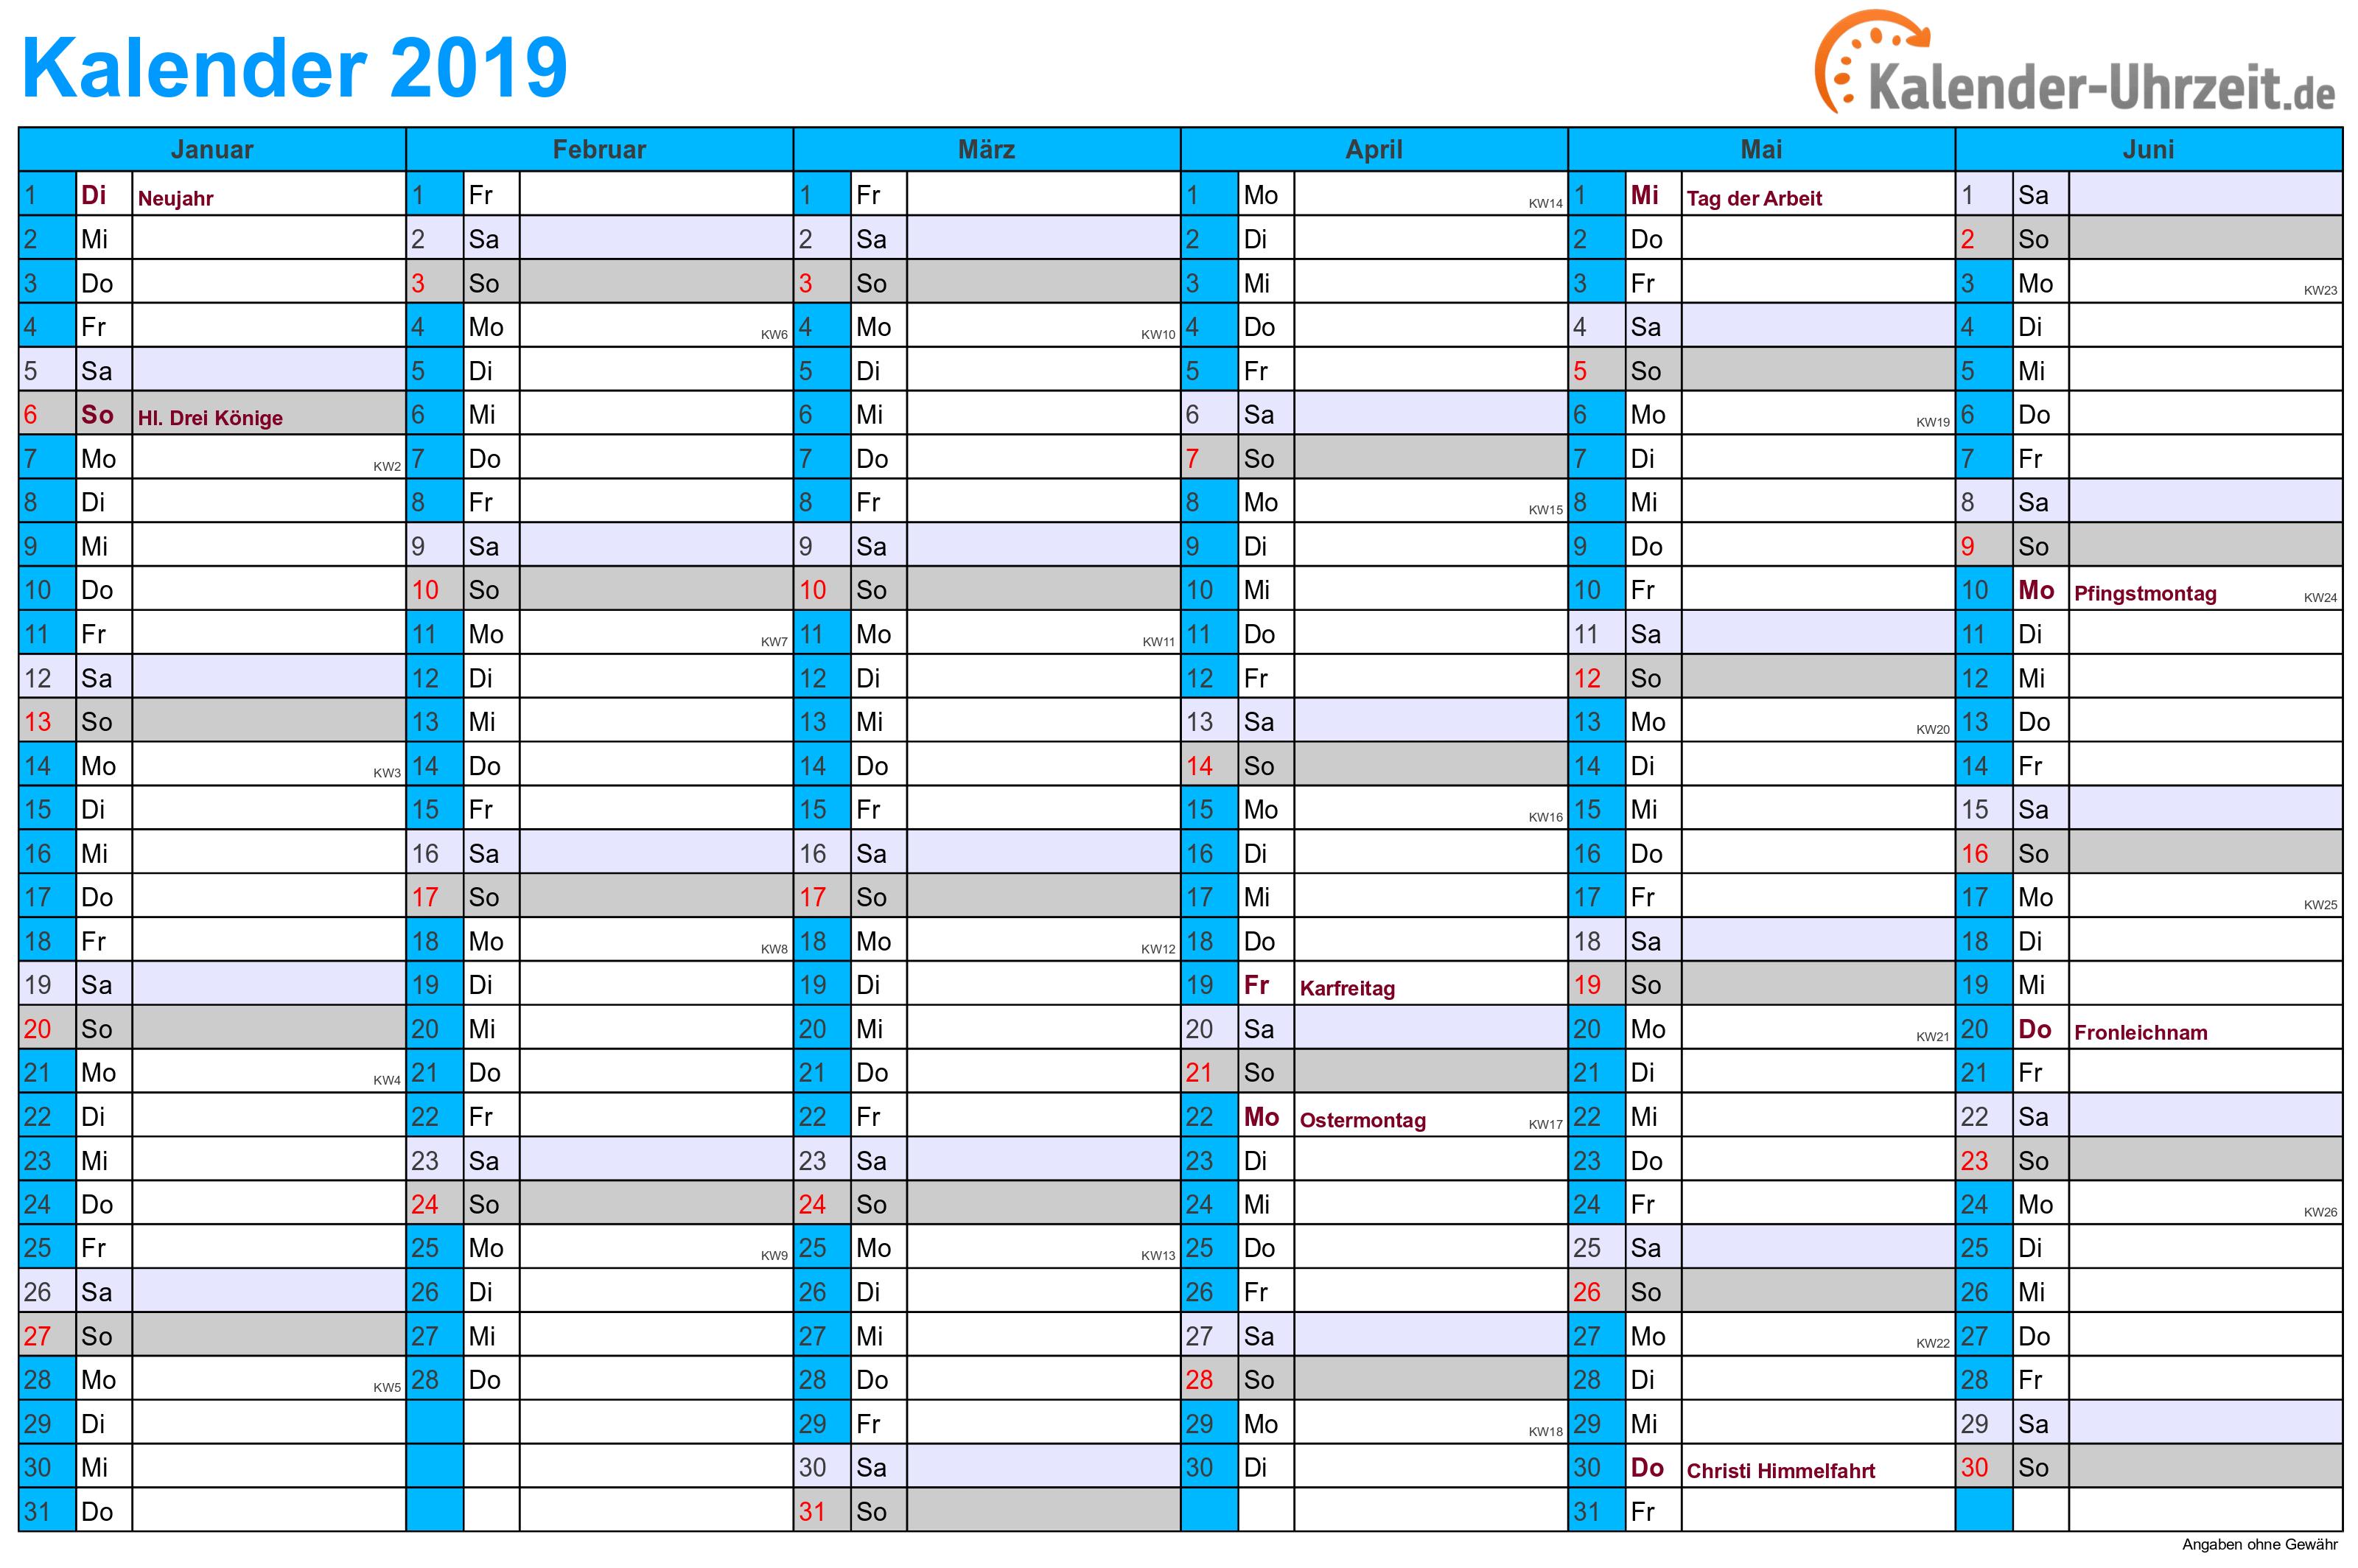 Kalender 2019 Zum Ausdrucken Gratis Vorlagen Zum Download